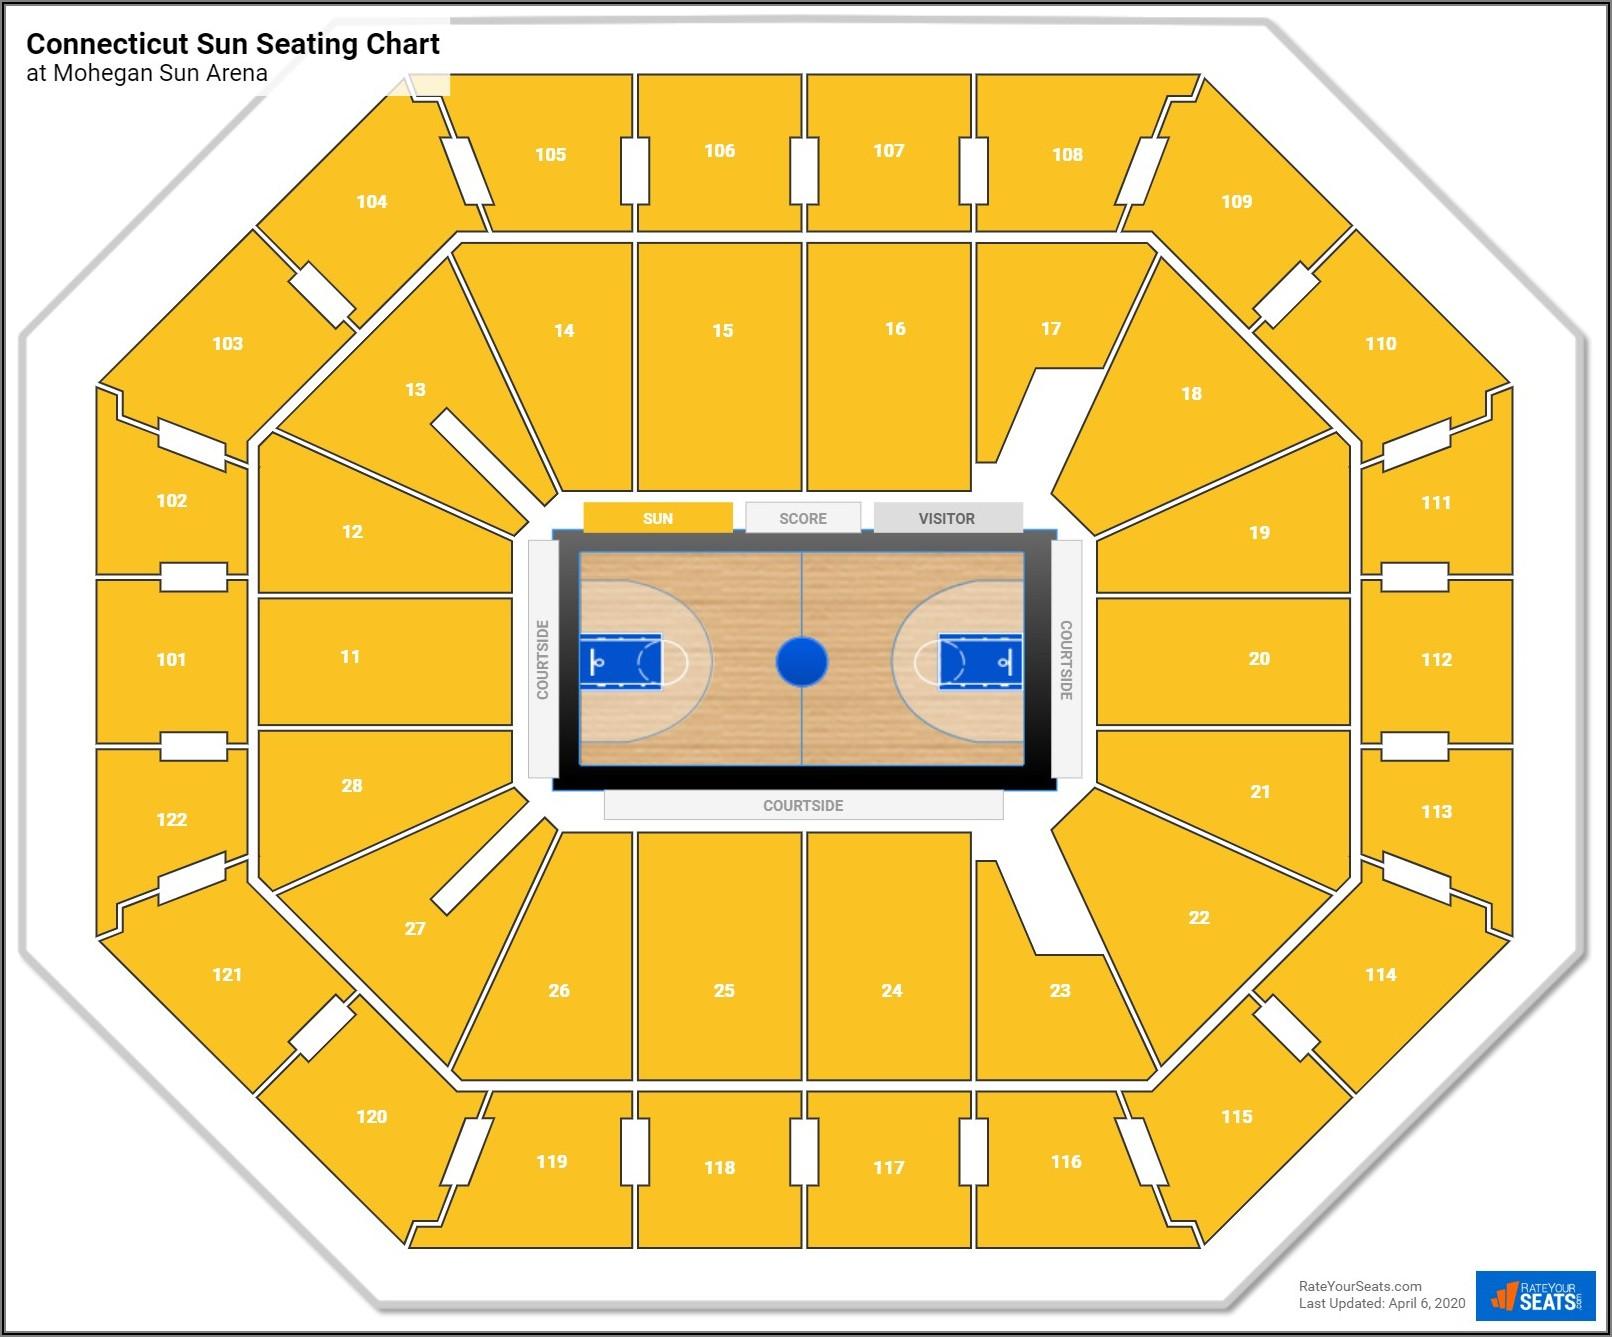 Mohegan Sun Arena Interactive Map